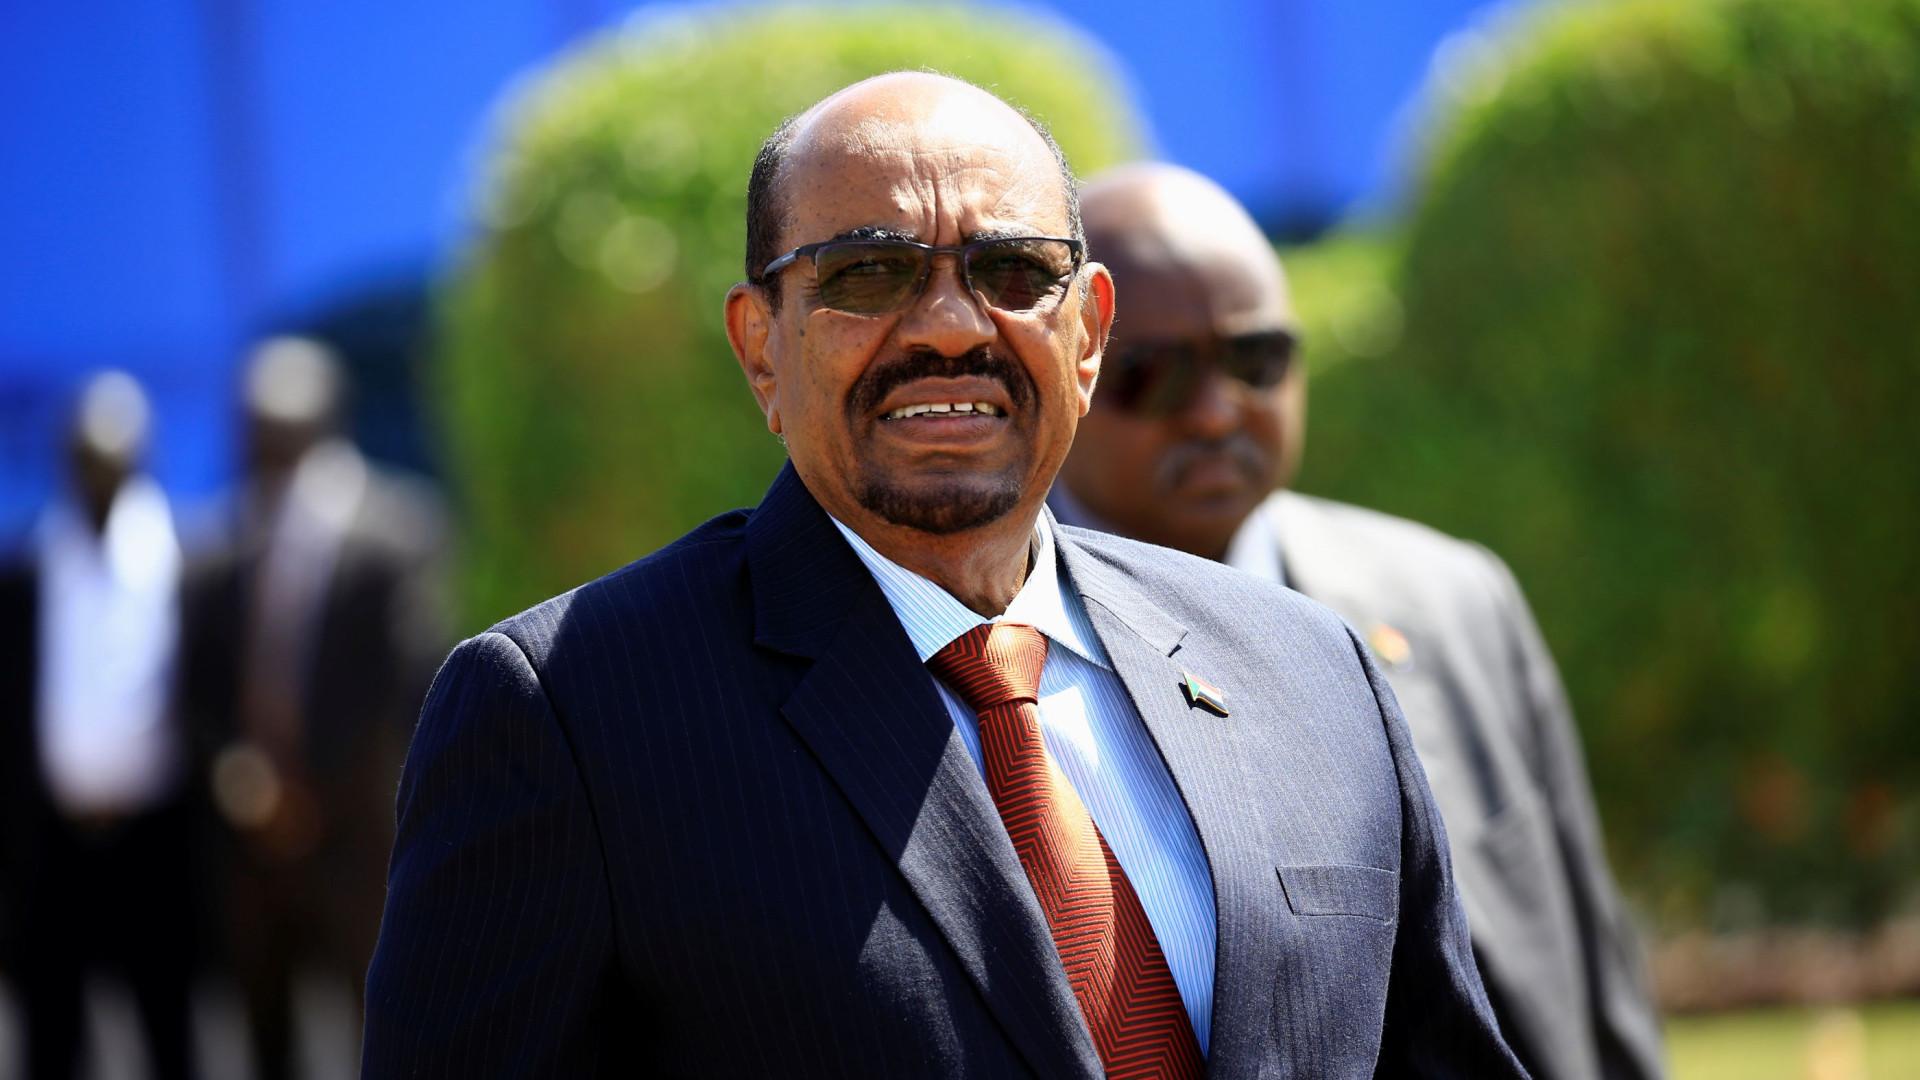 Presidente responde à contestação no Darfur com deslocação à região